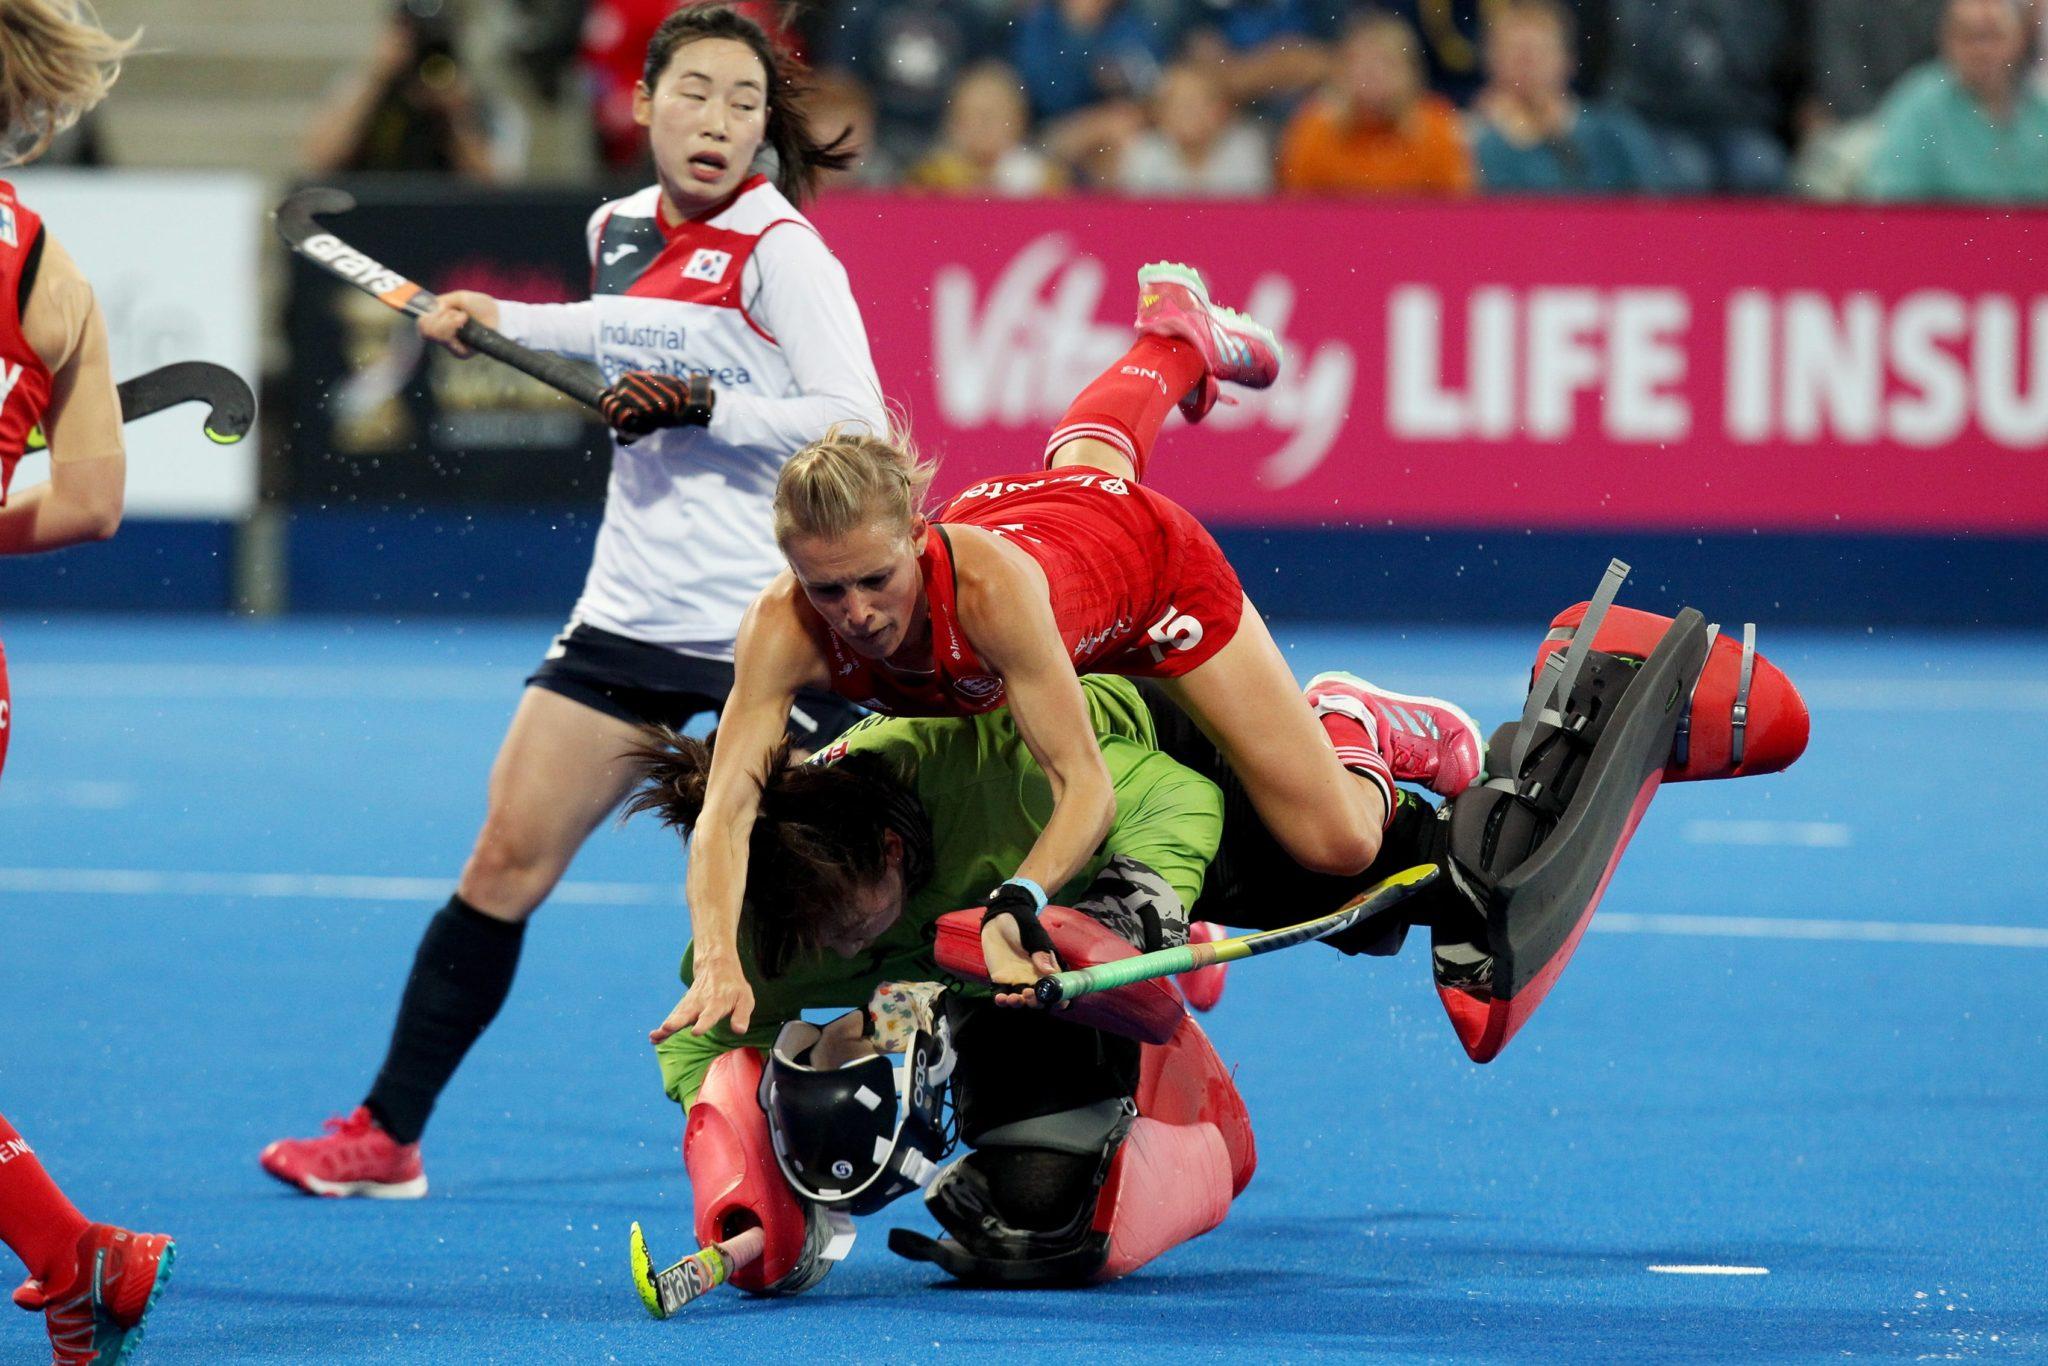 Meczu Pucharu Świata kobiet w hokeju na trawie pomiędzy Anglią a Koreą Południową w Lee Valley Hockey Center, Queen Elizabeth Olympic Park w Londynie, fot. Sean Dempsey, PAP/EPA